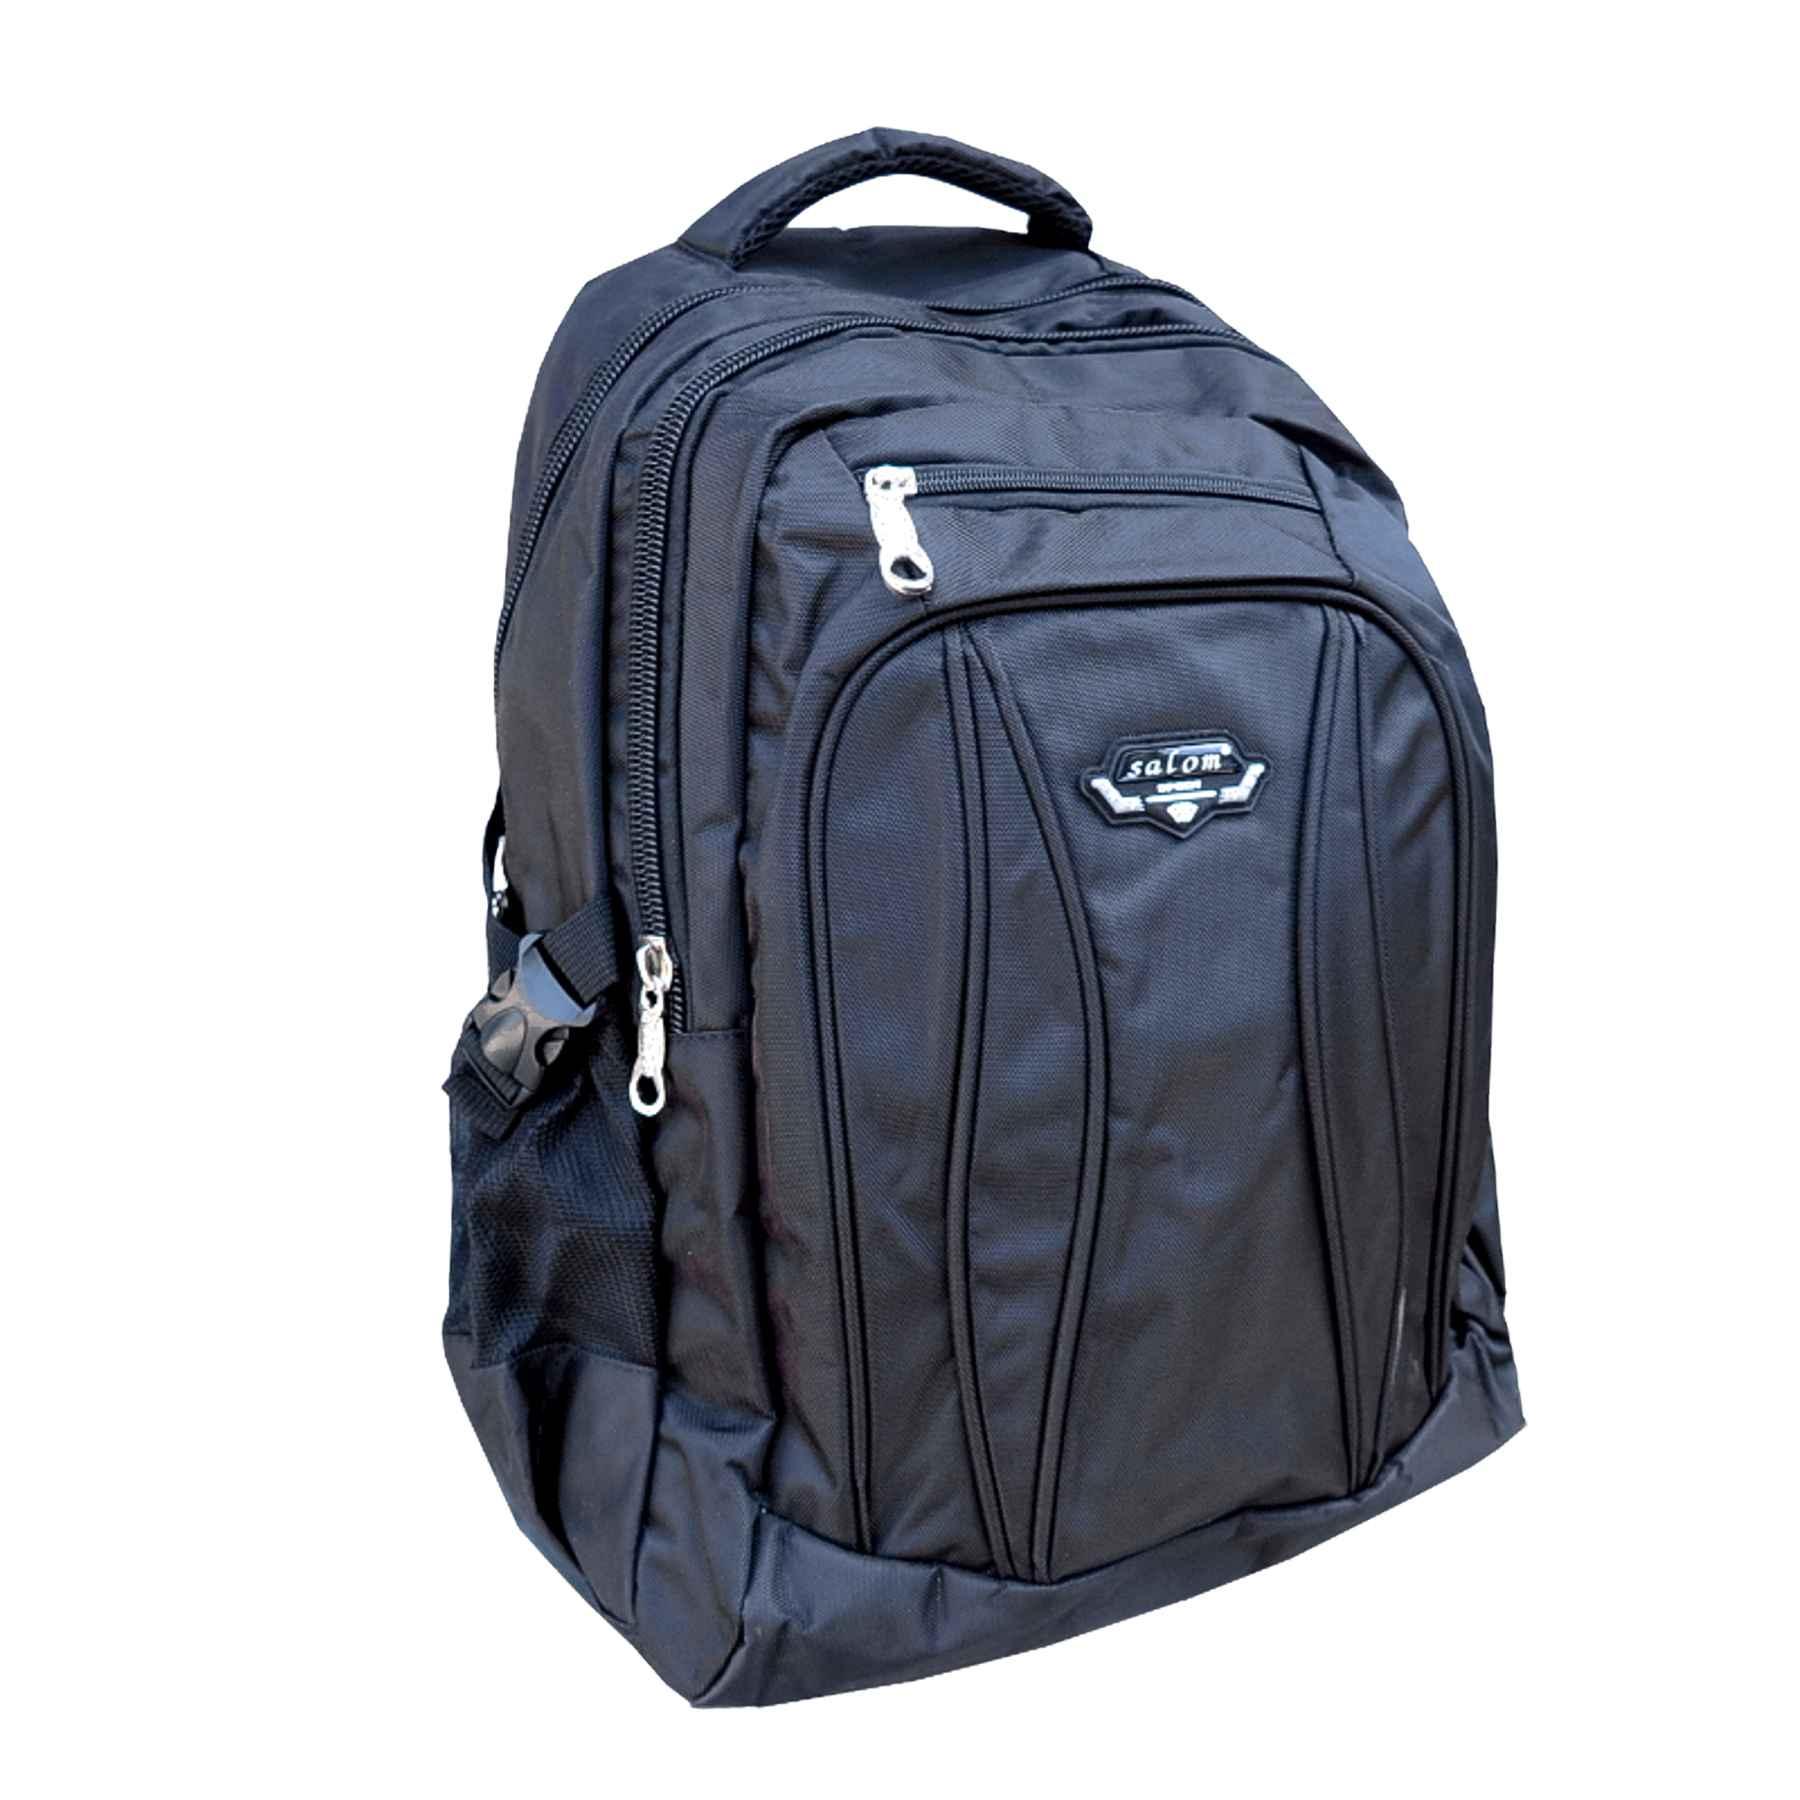 e138e141d3 ruksak Salom Sport čierny. špecifikácia   kvalitný jednokomorový batoh  strednej veľkosti s dvomi prednými menšími batoh